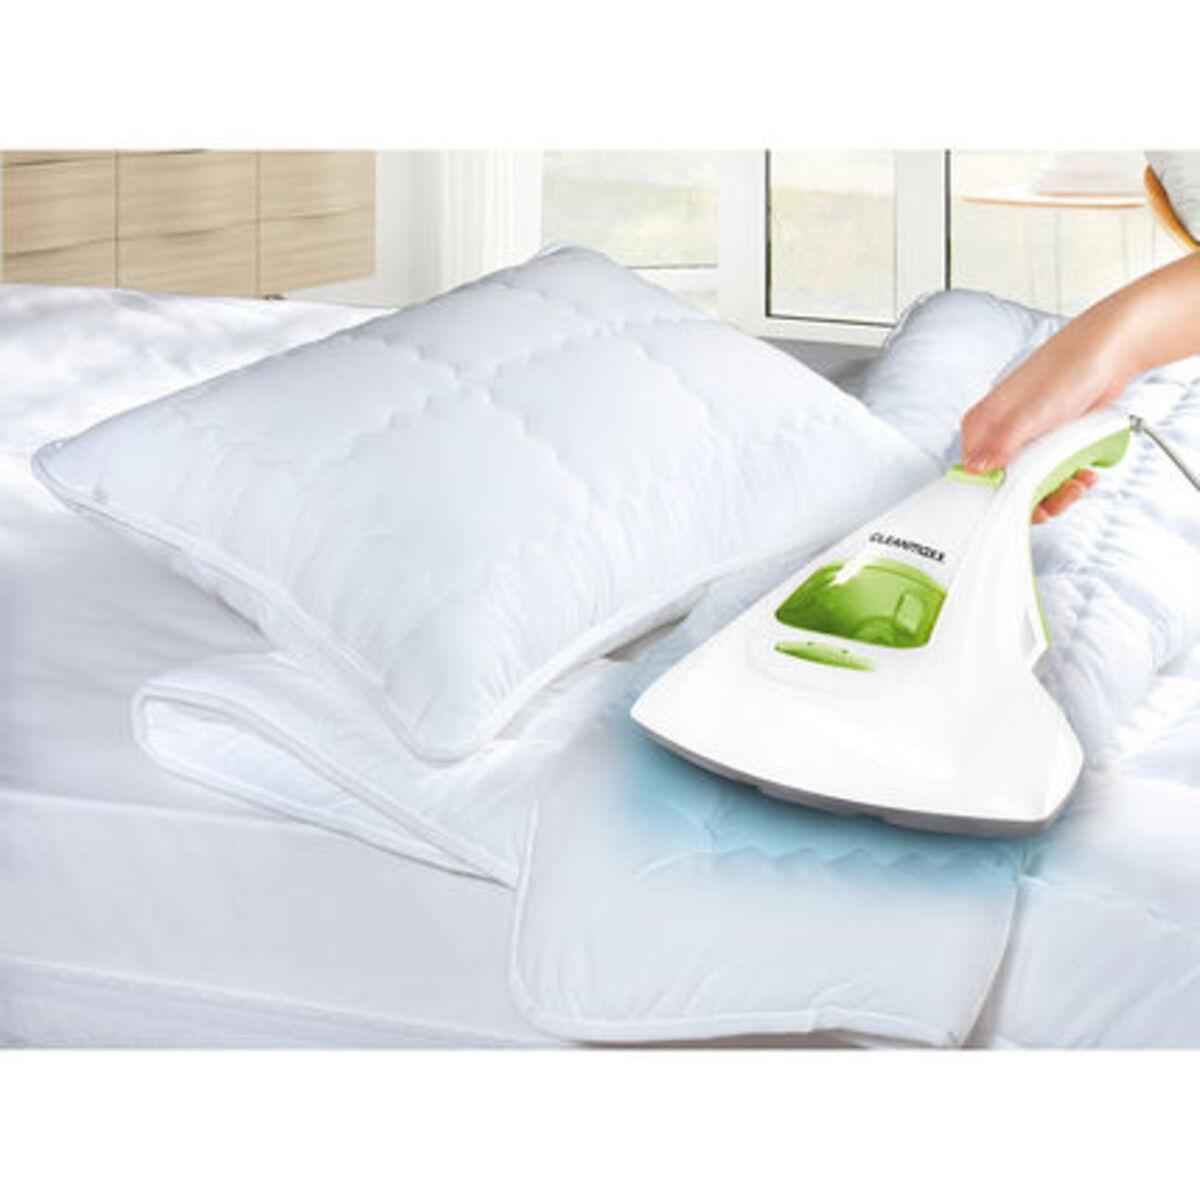 Bild 4 von Cleanmaxx Milben-Handstaubsauger, weiß/limegreen